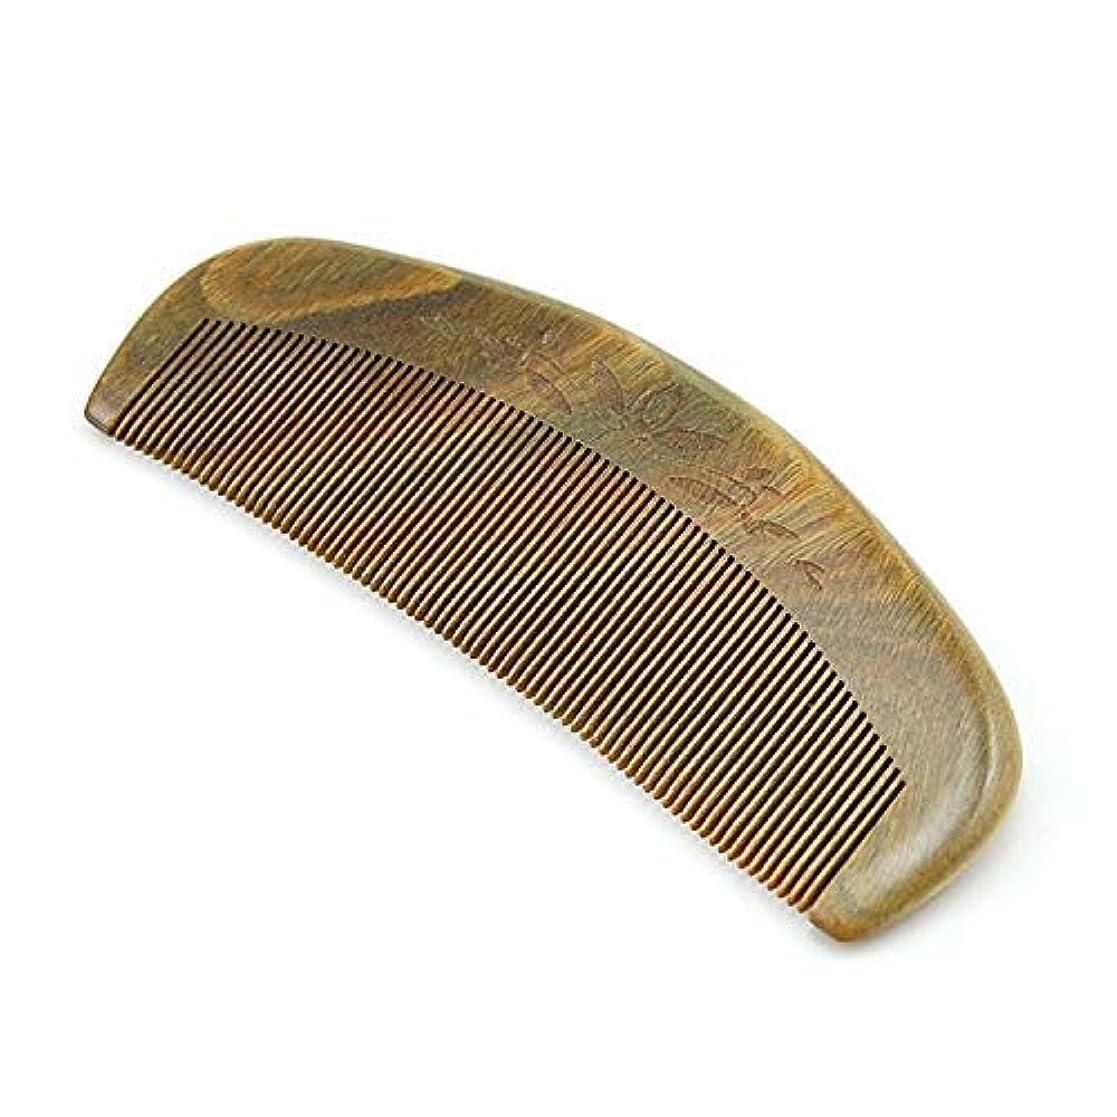 止まる髄下位Brand New and Natural Green Sandalwood Fine Tooth Comb, Anti Static Pocket Wooden Comb [並行輸入品]